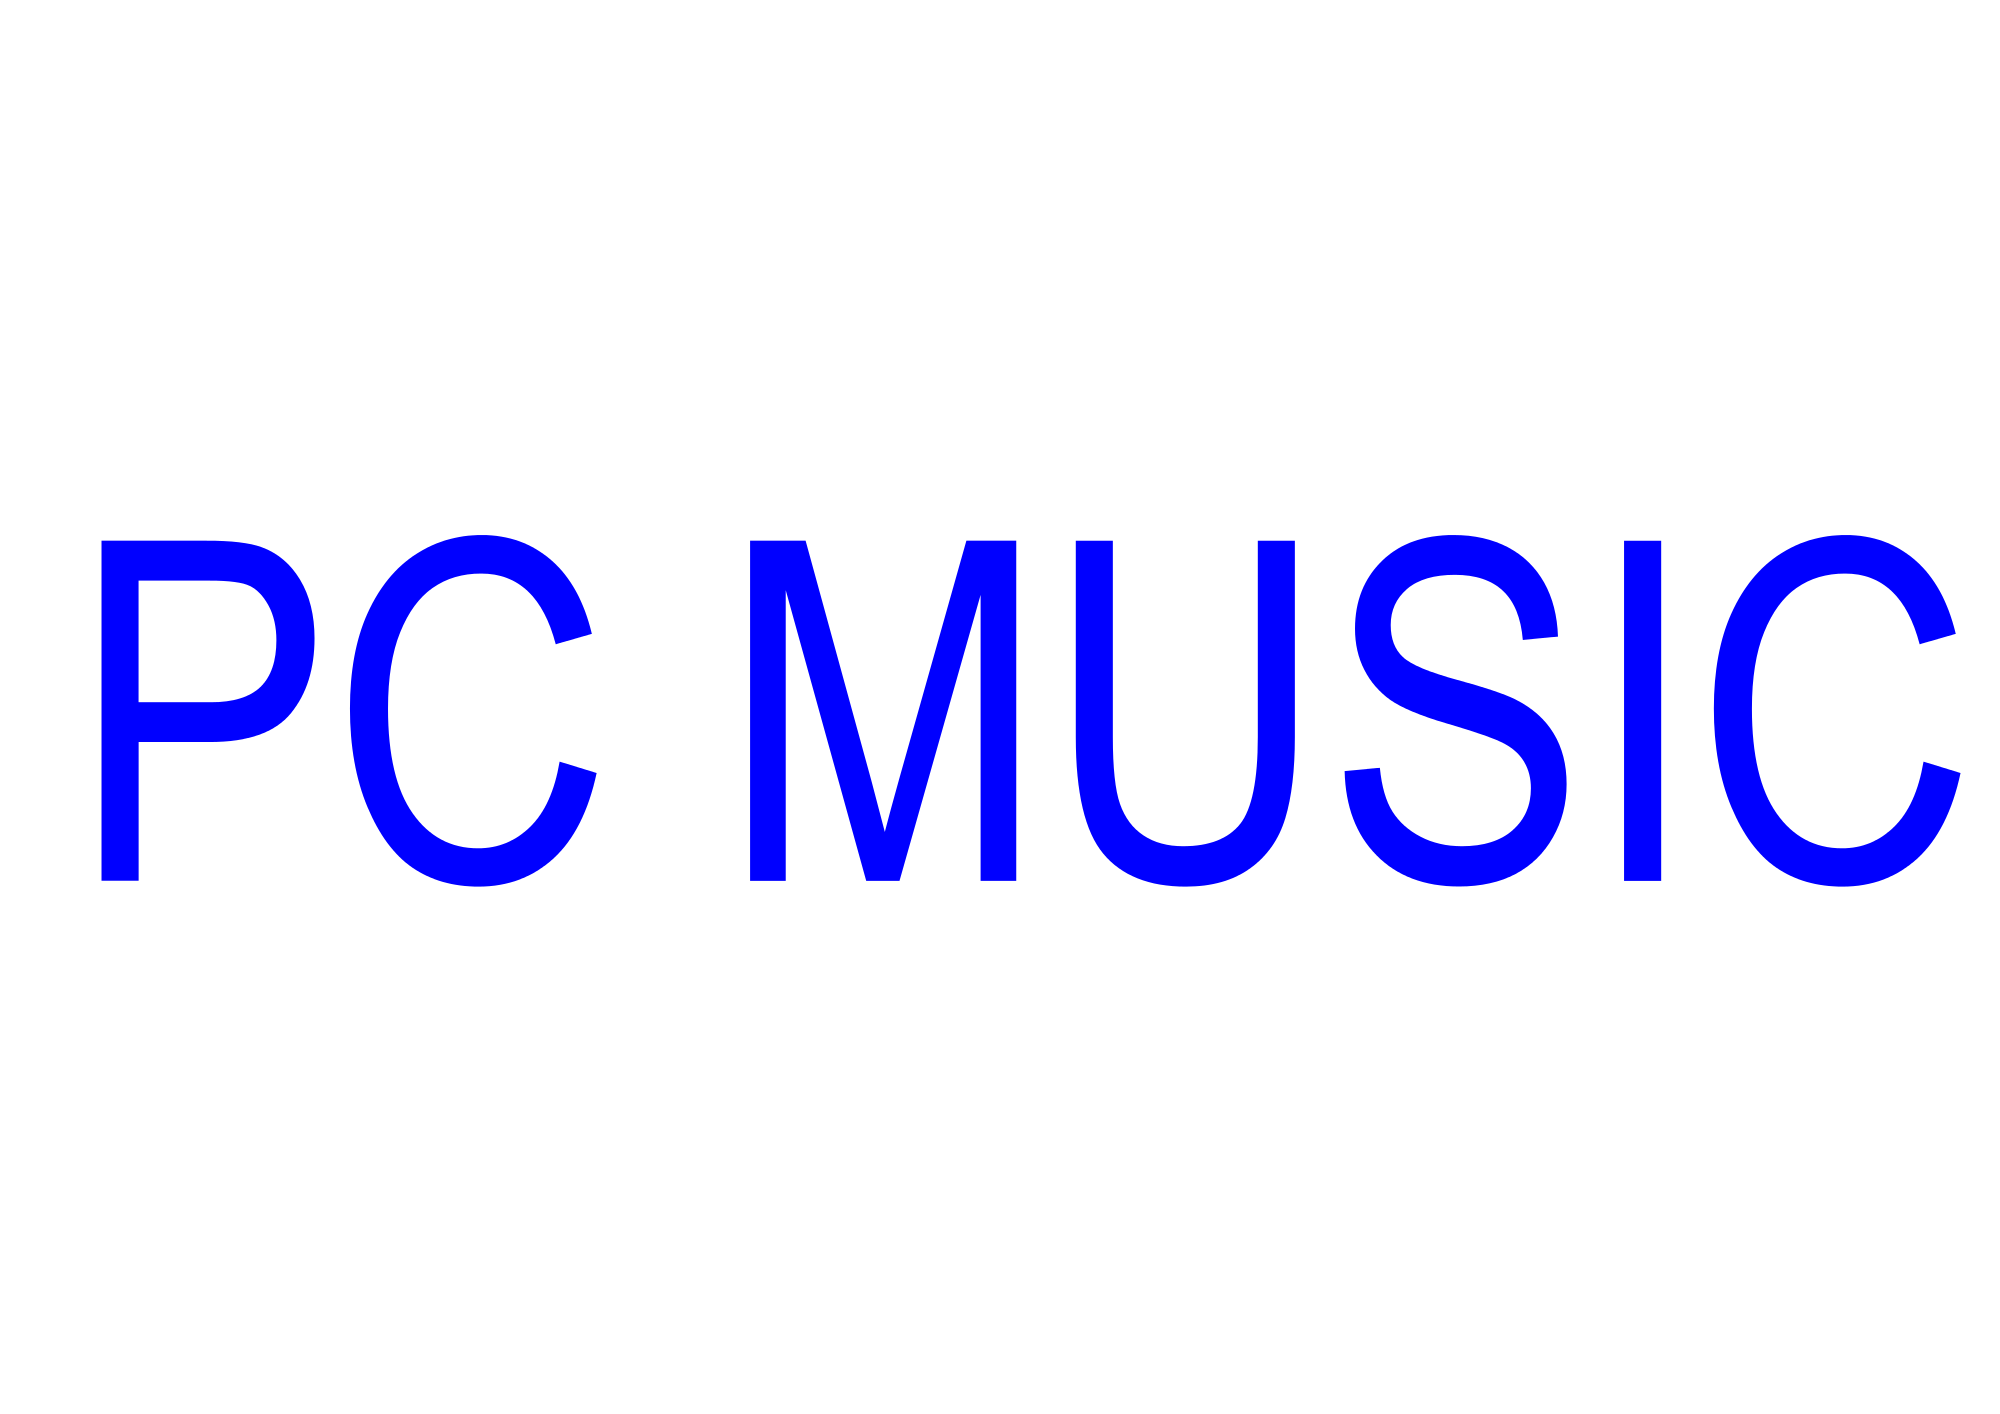 pc music